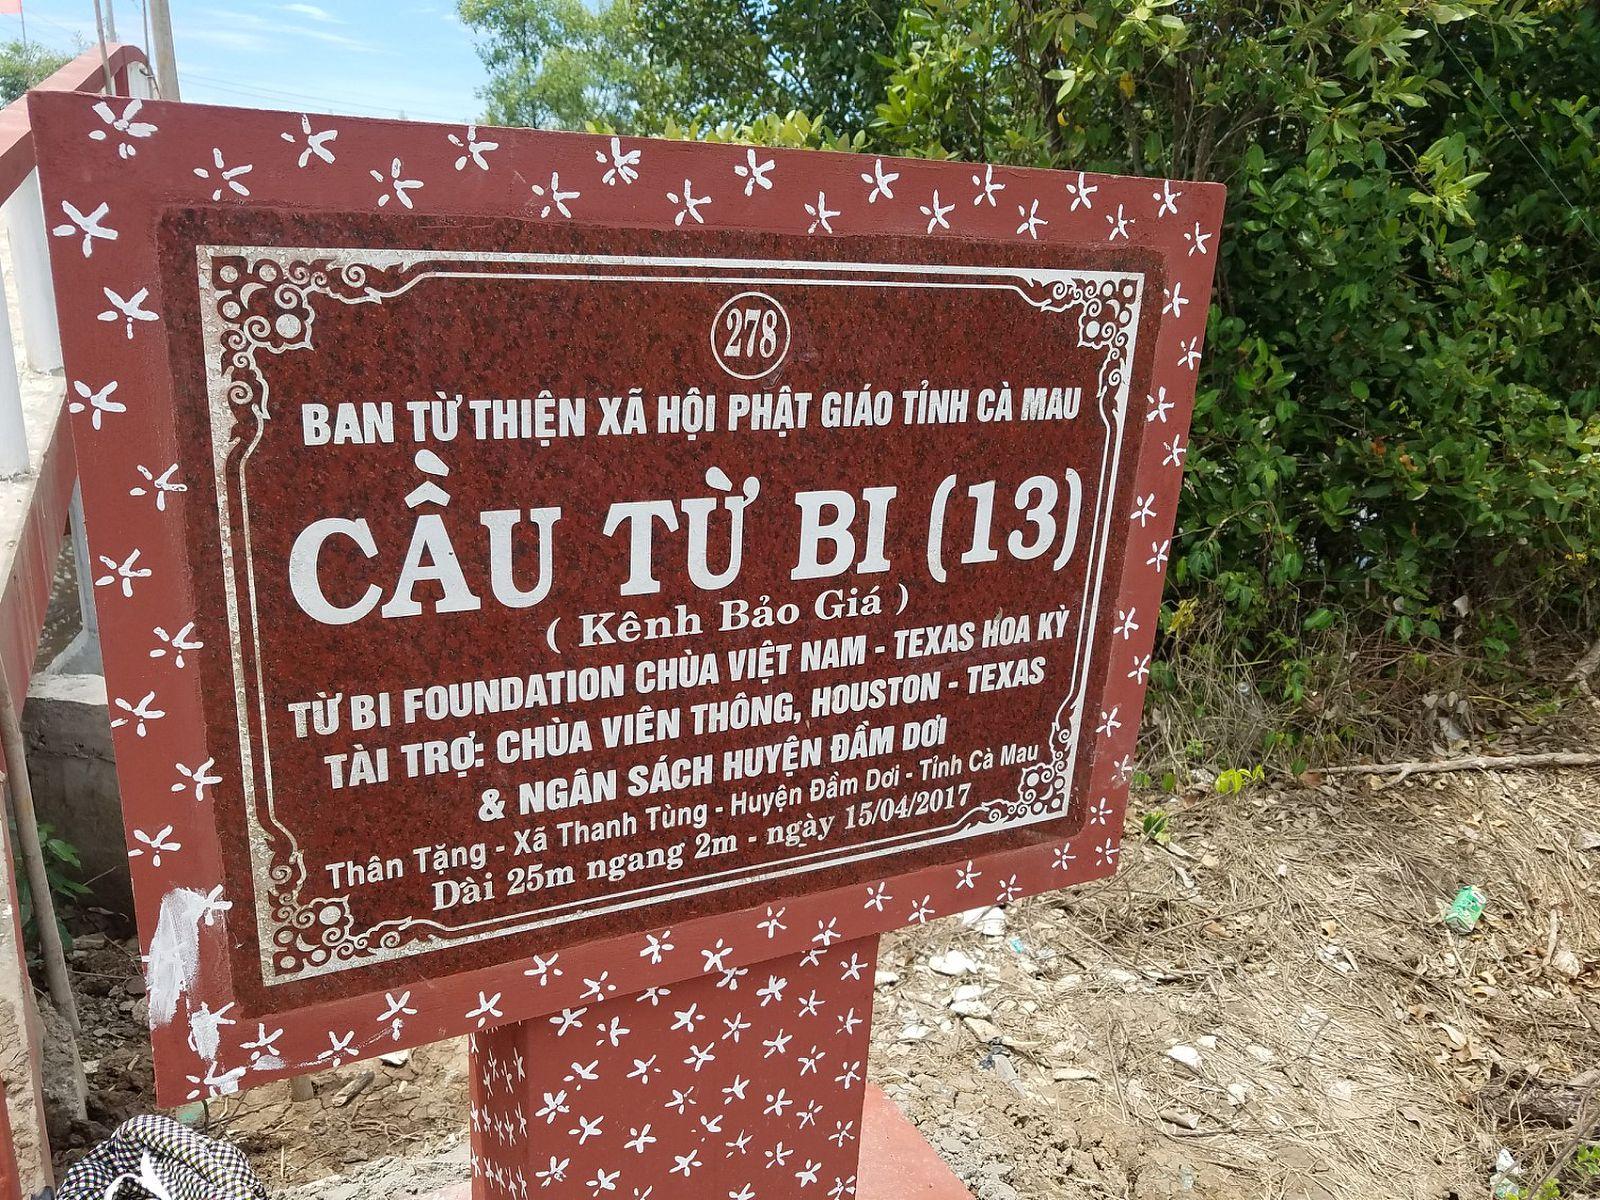 Cau Tu Bi 13 - Vien Thong (35)